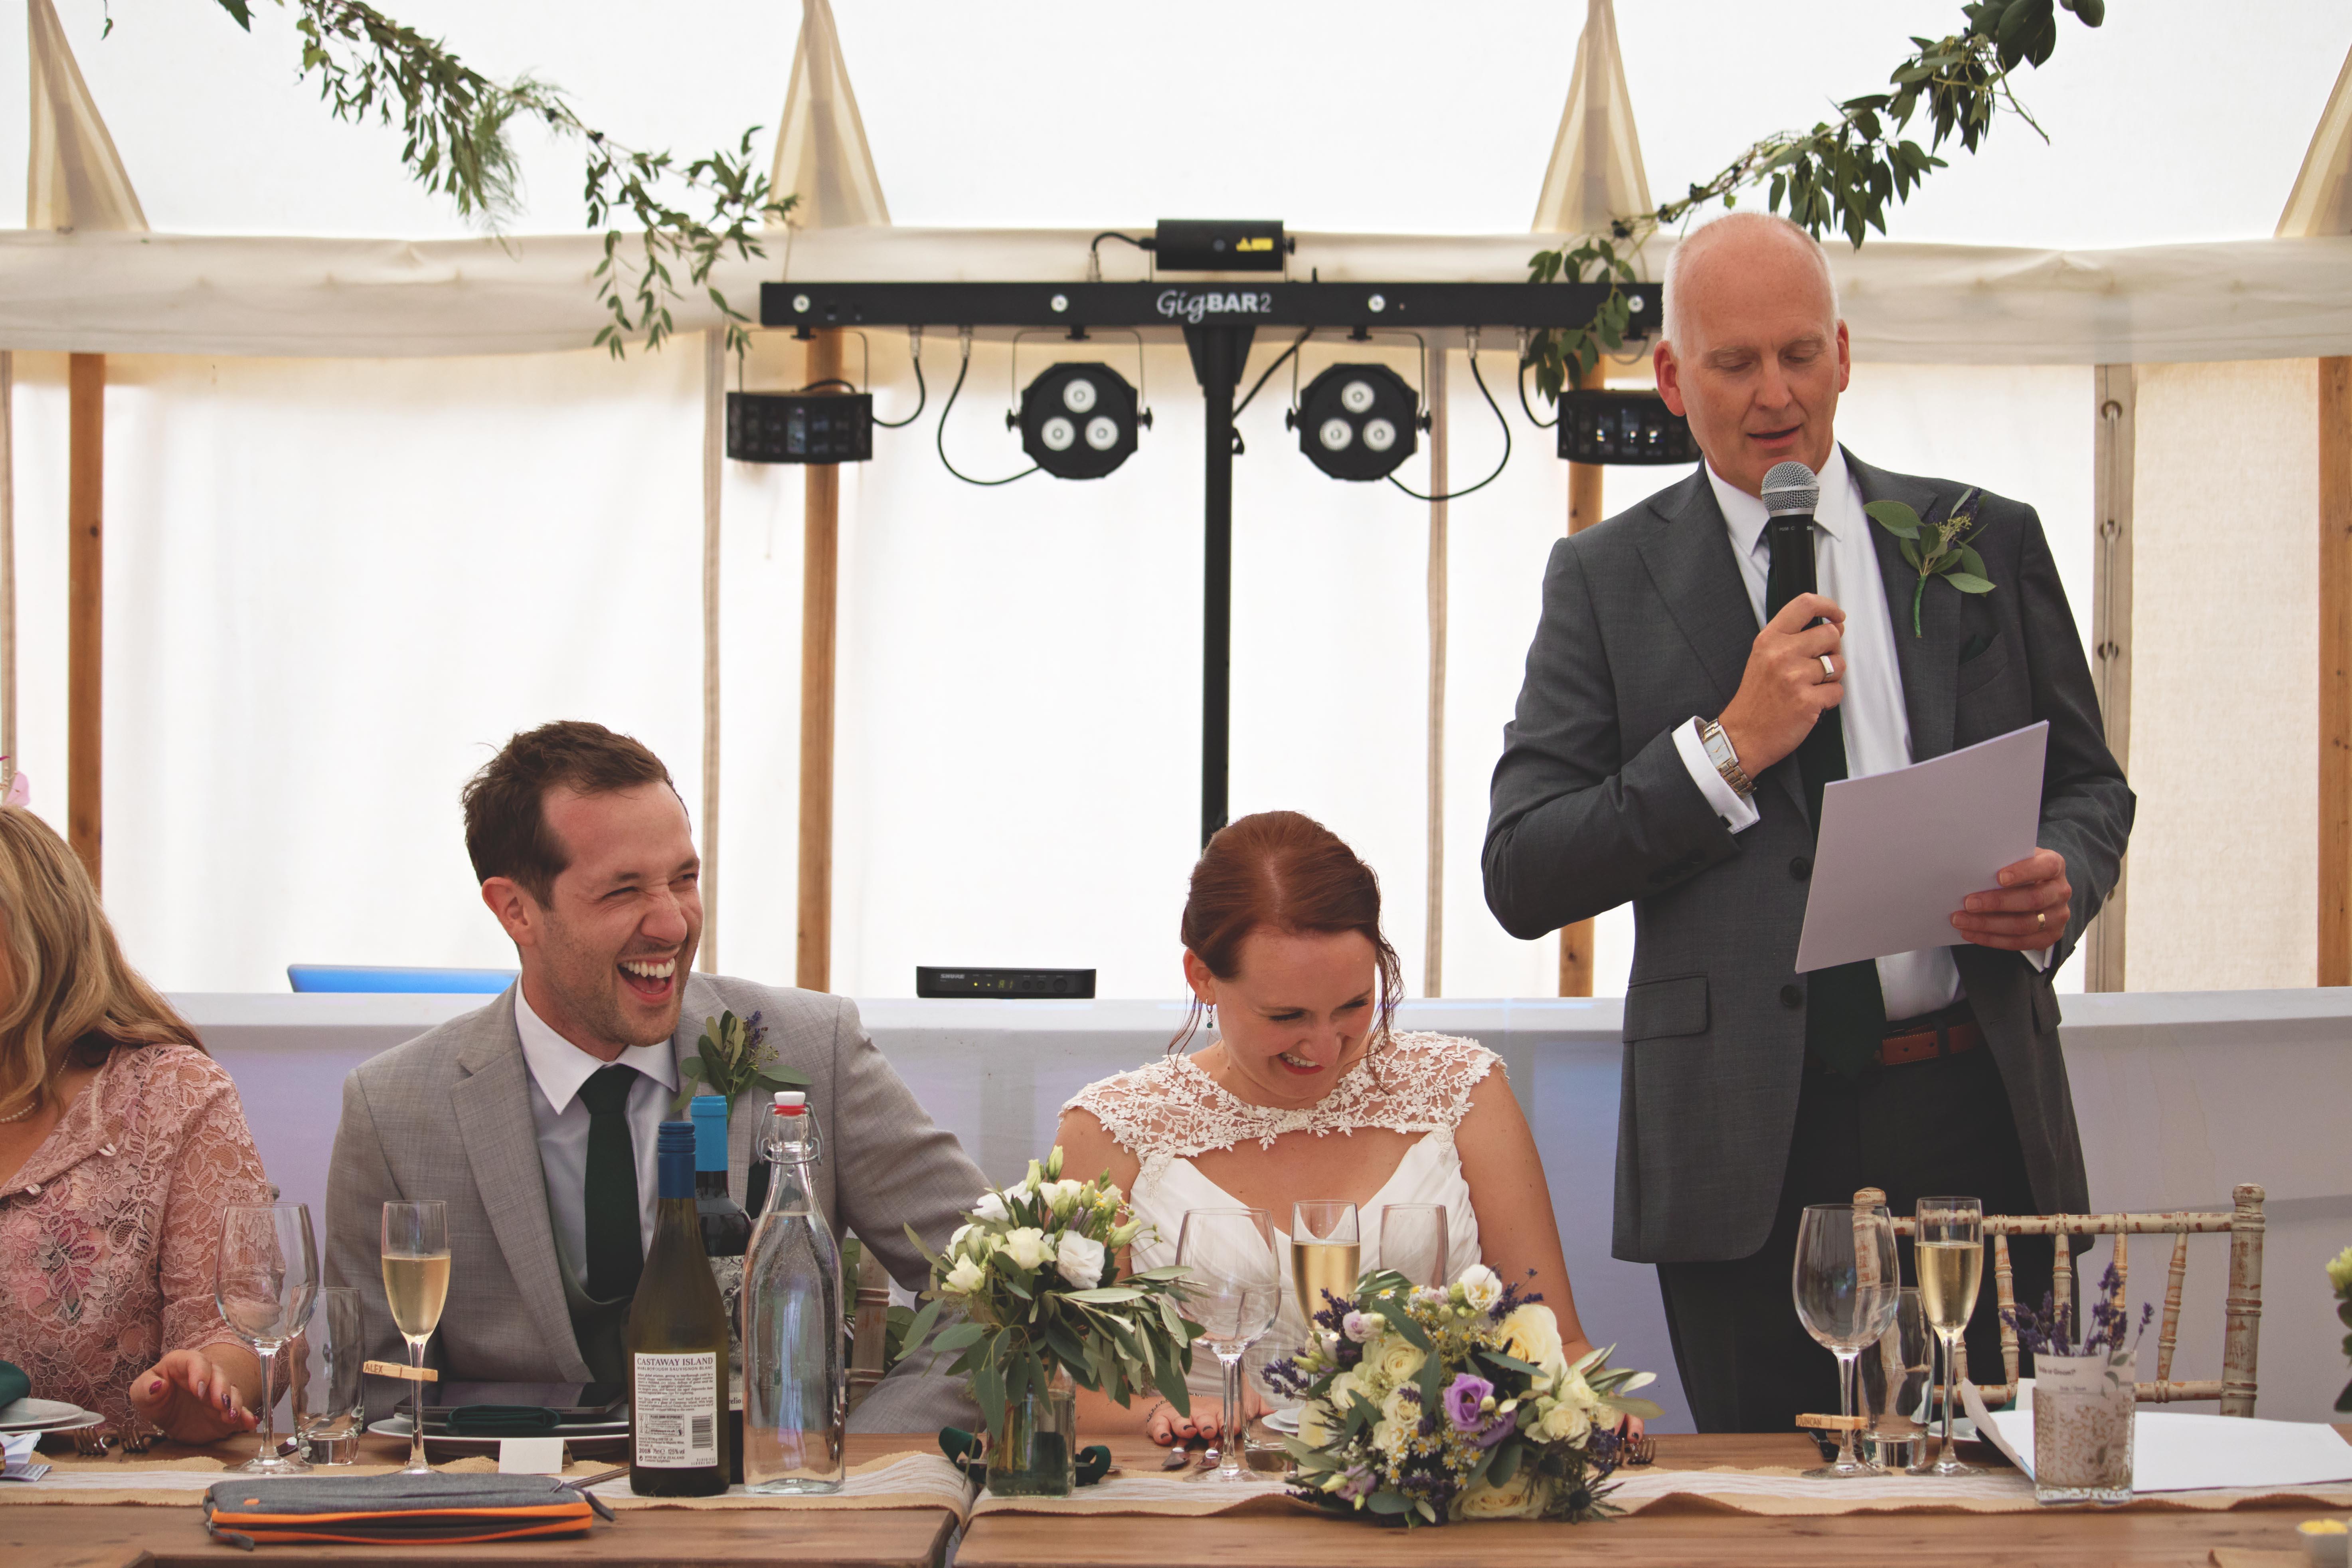 Summer Surrey Wedding Speeches